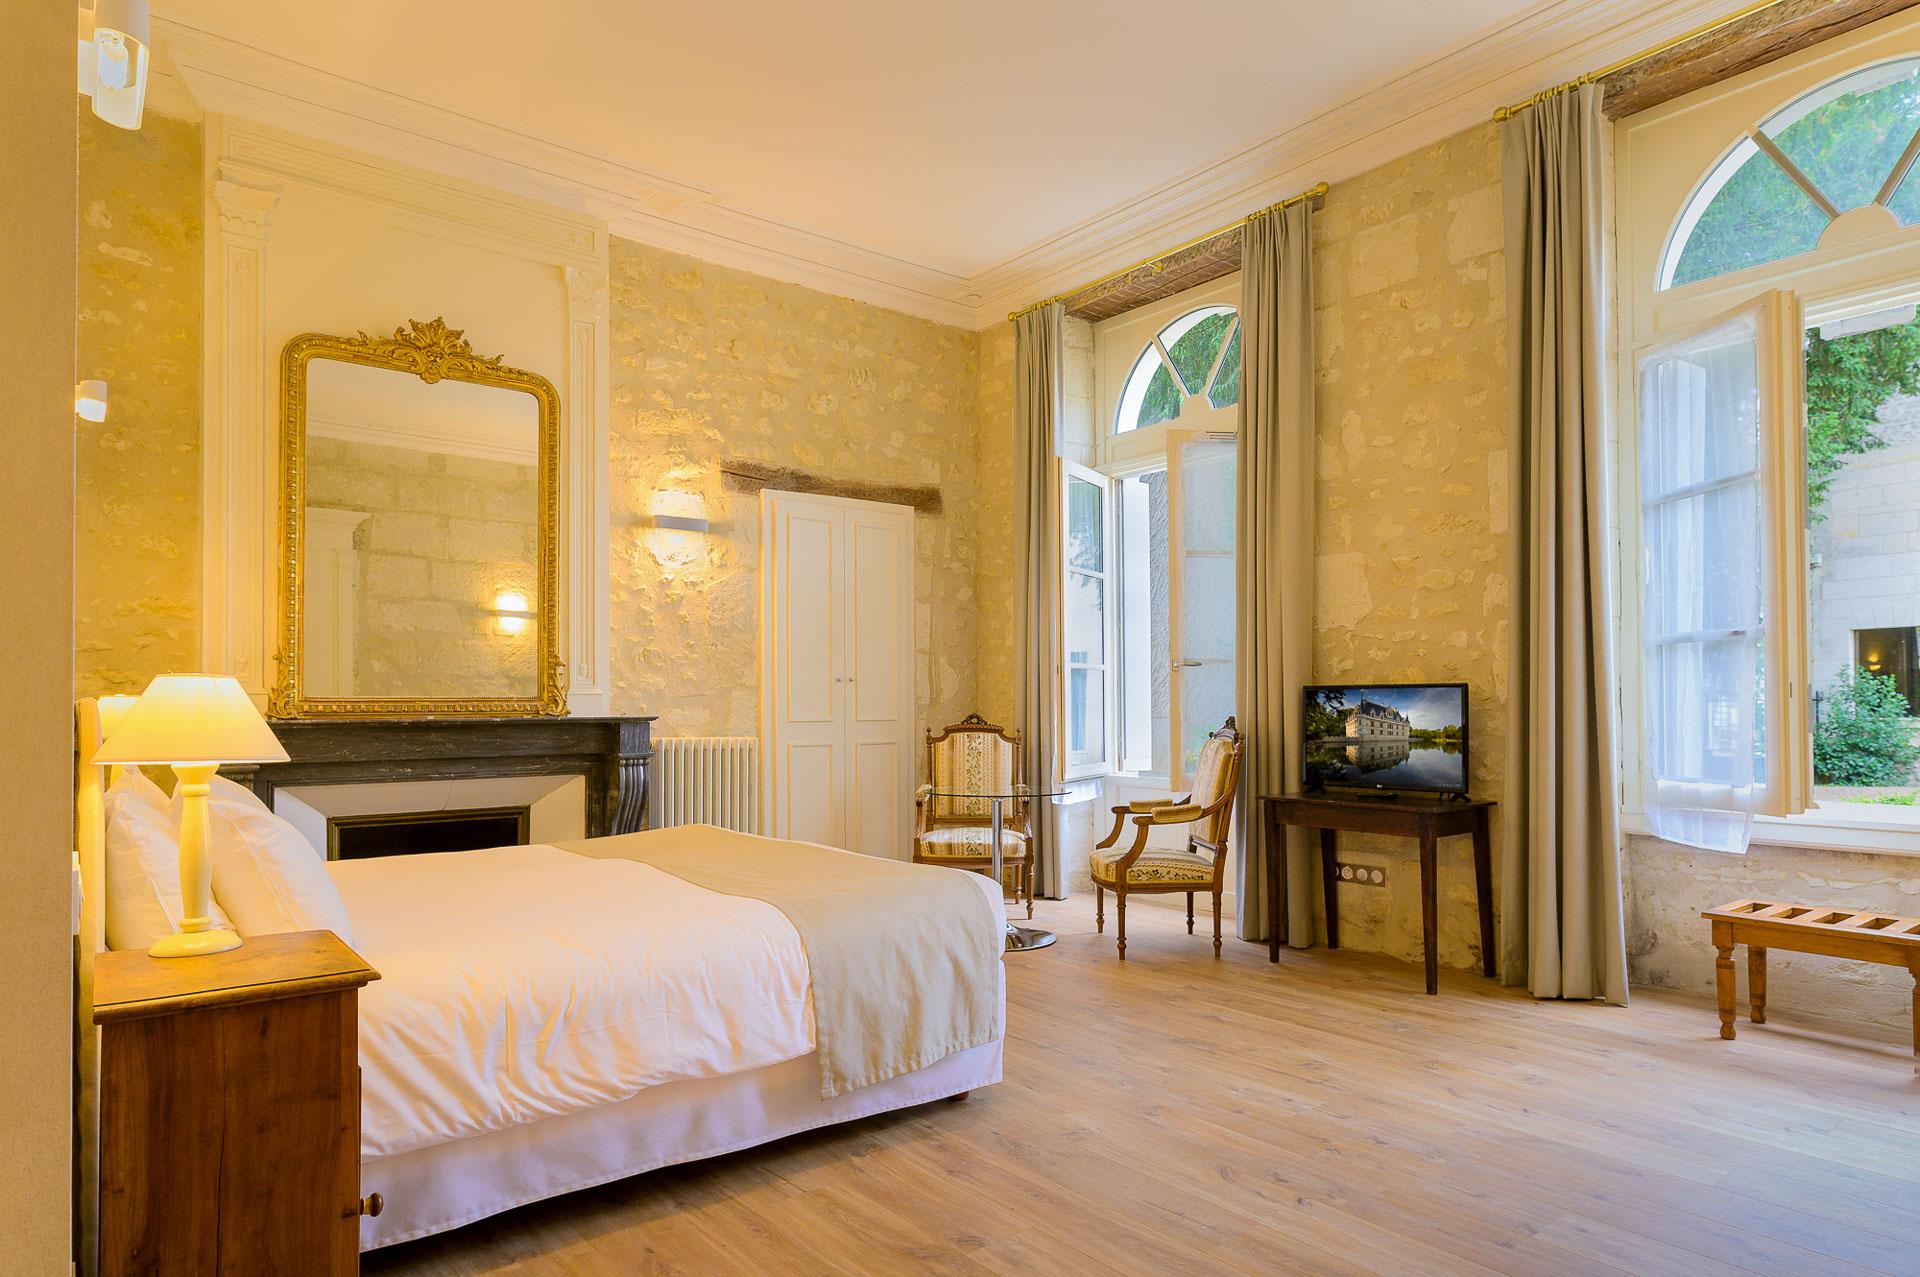 Hôtel du Grand Monarque - Azay-le-Rideau